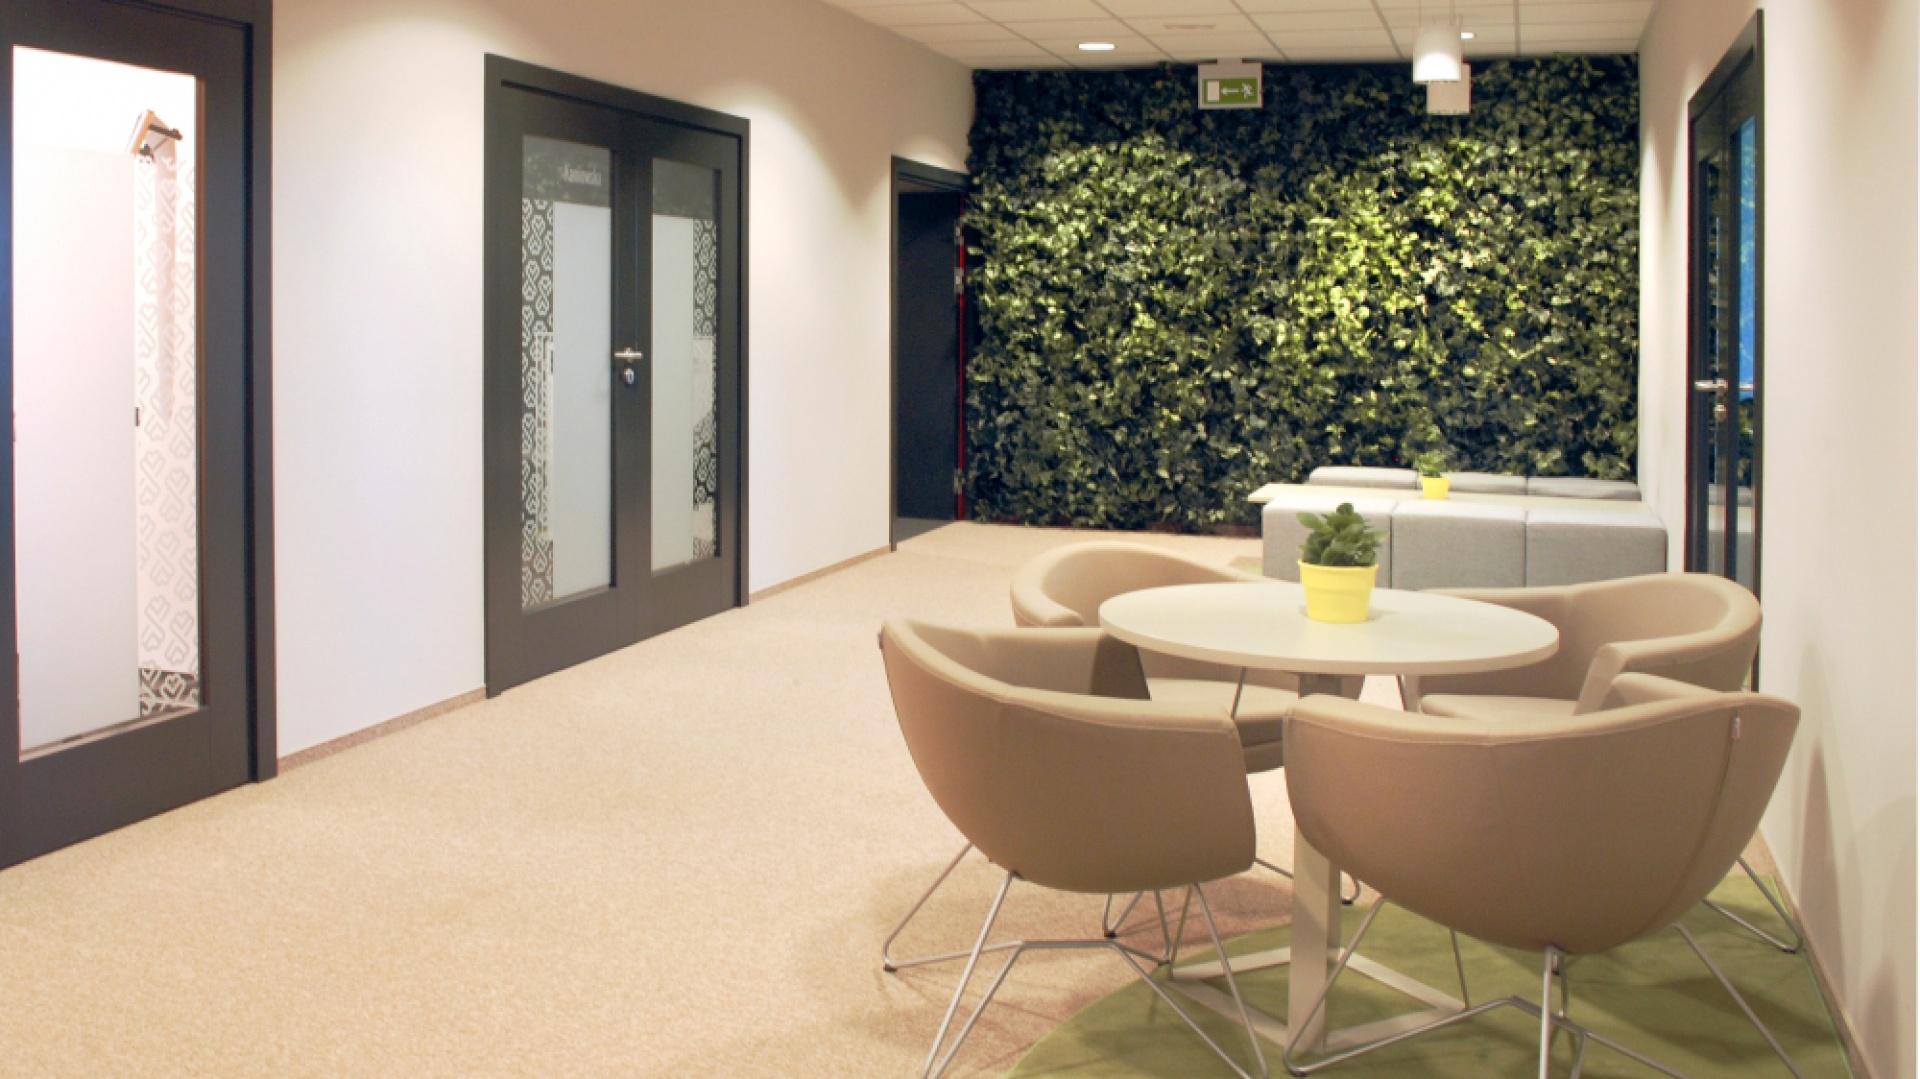 Siedziba Millward Brown Polska S.A. to projekt wnętrz biurowych, zajmujących 3063 m². Fot. Pracownia A+D